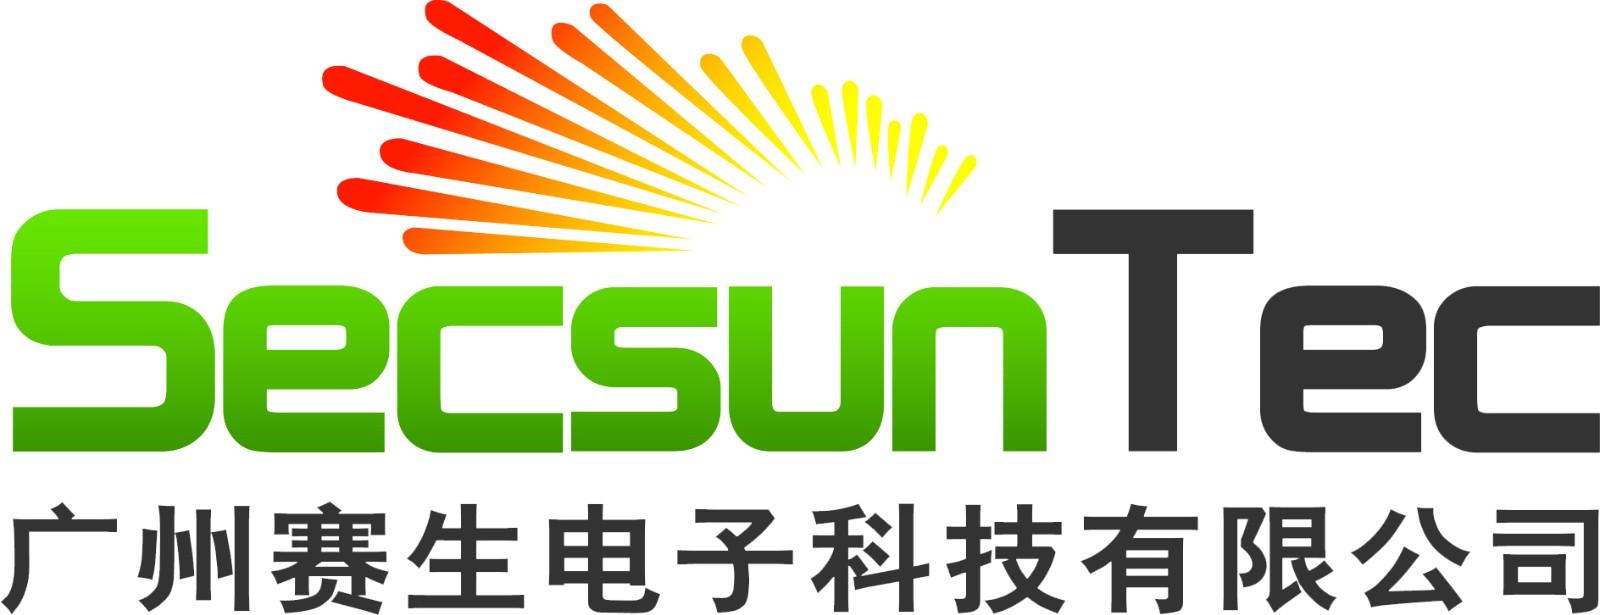 广州赛生电子科技有限公司